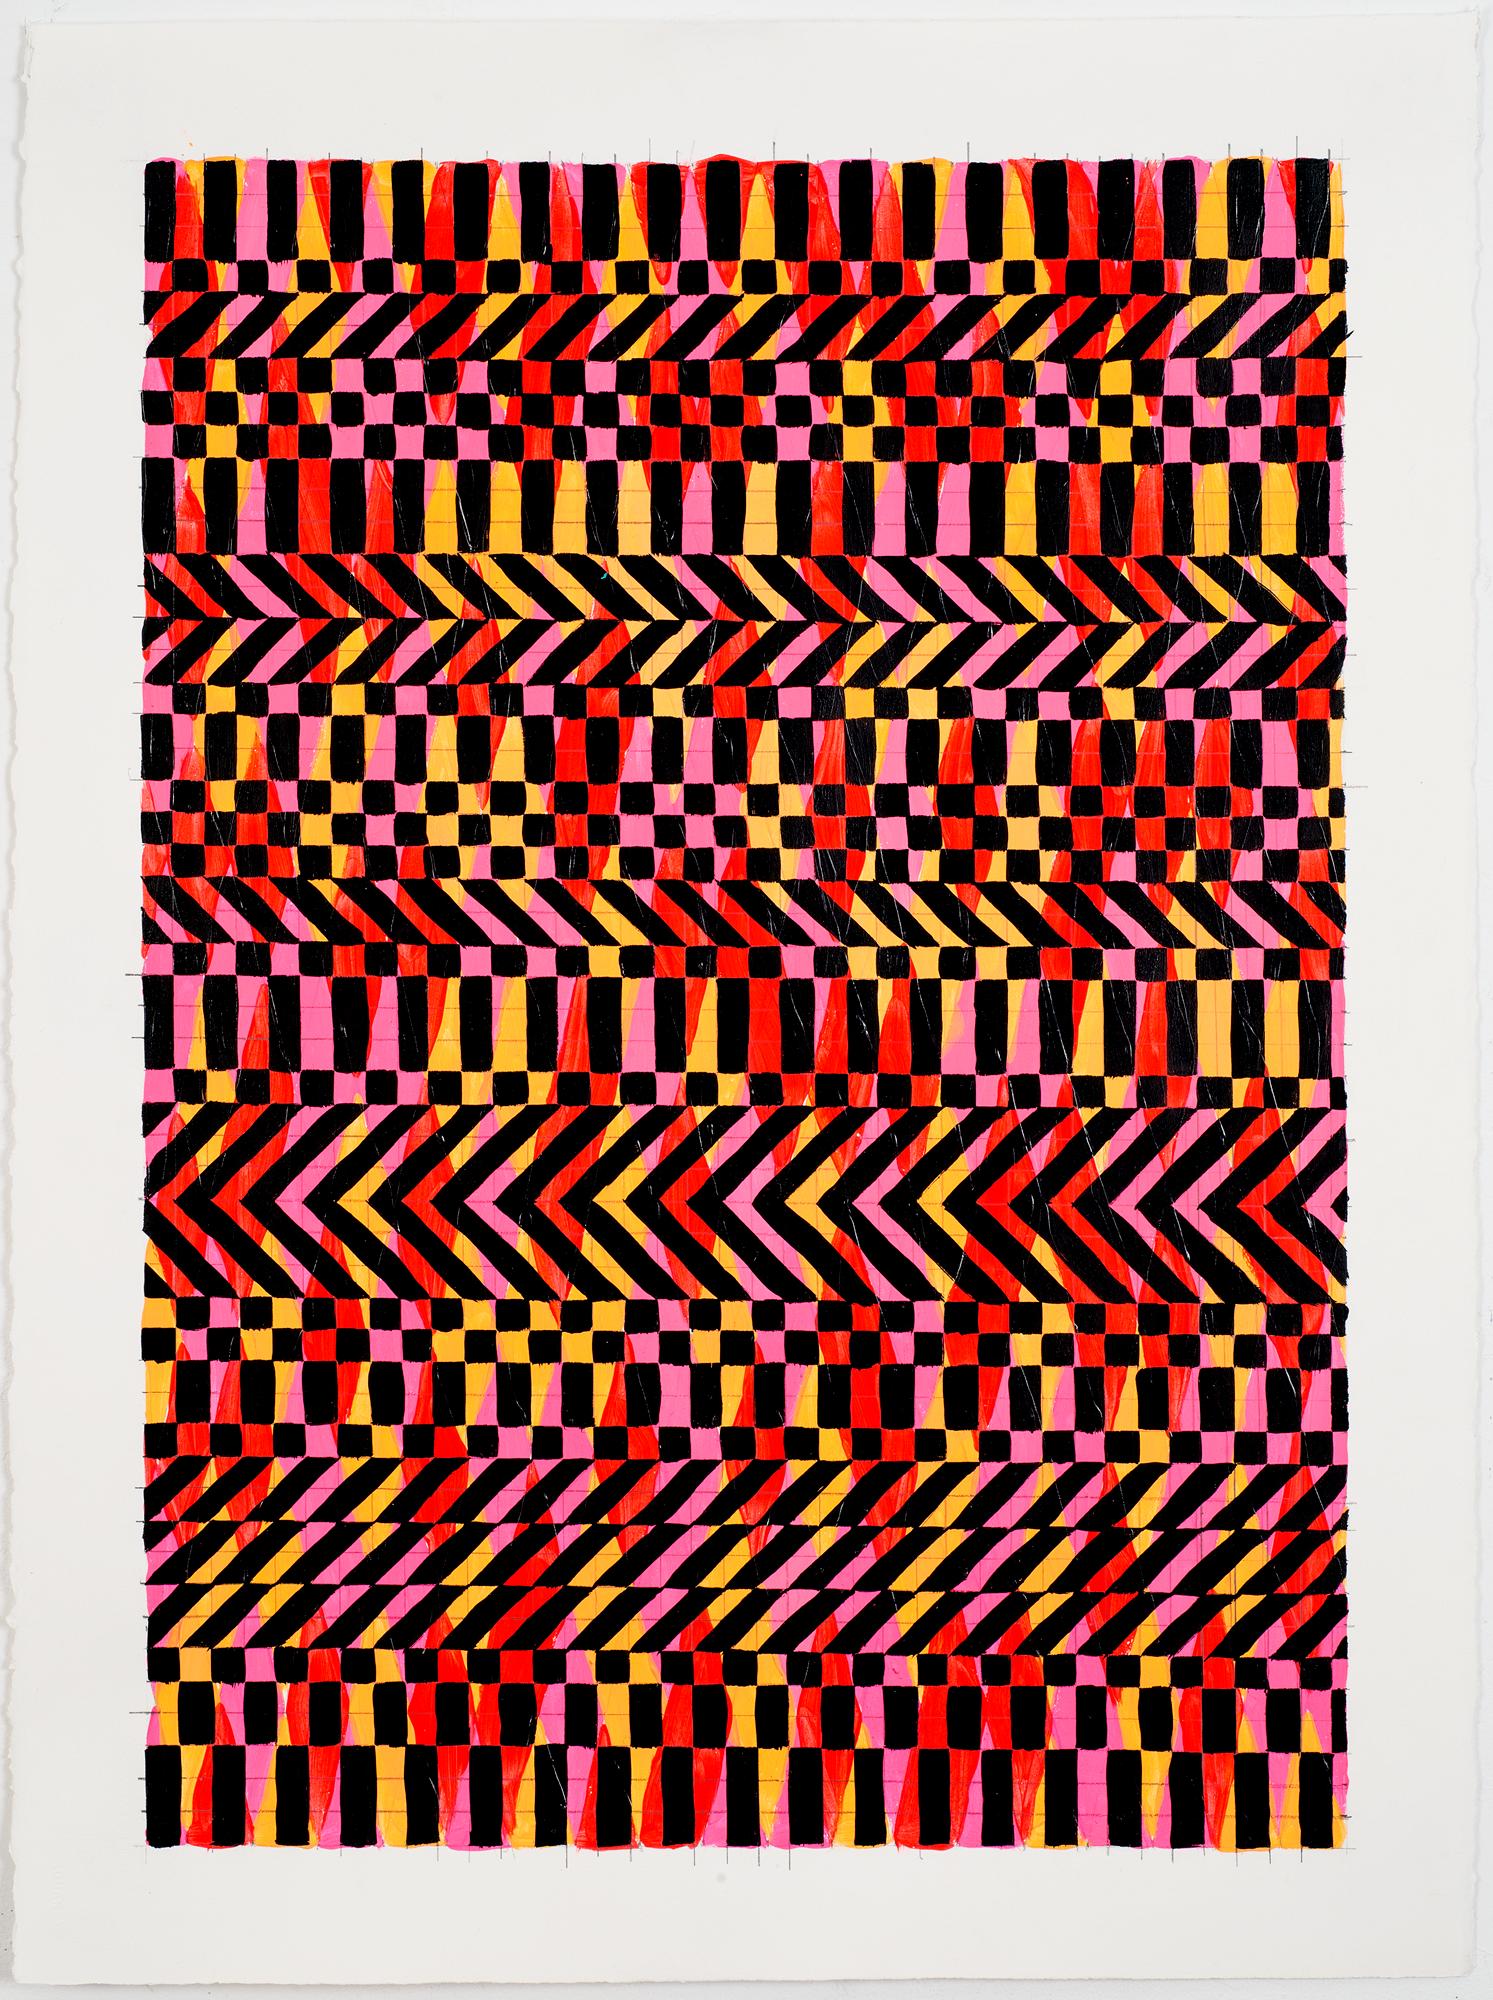 """NY1657, 30"""" X 22"""", acrylic on paper, 2016"""